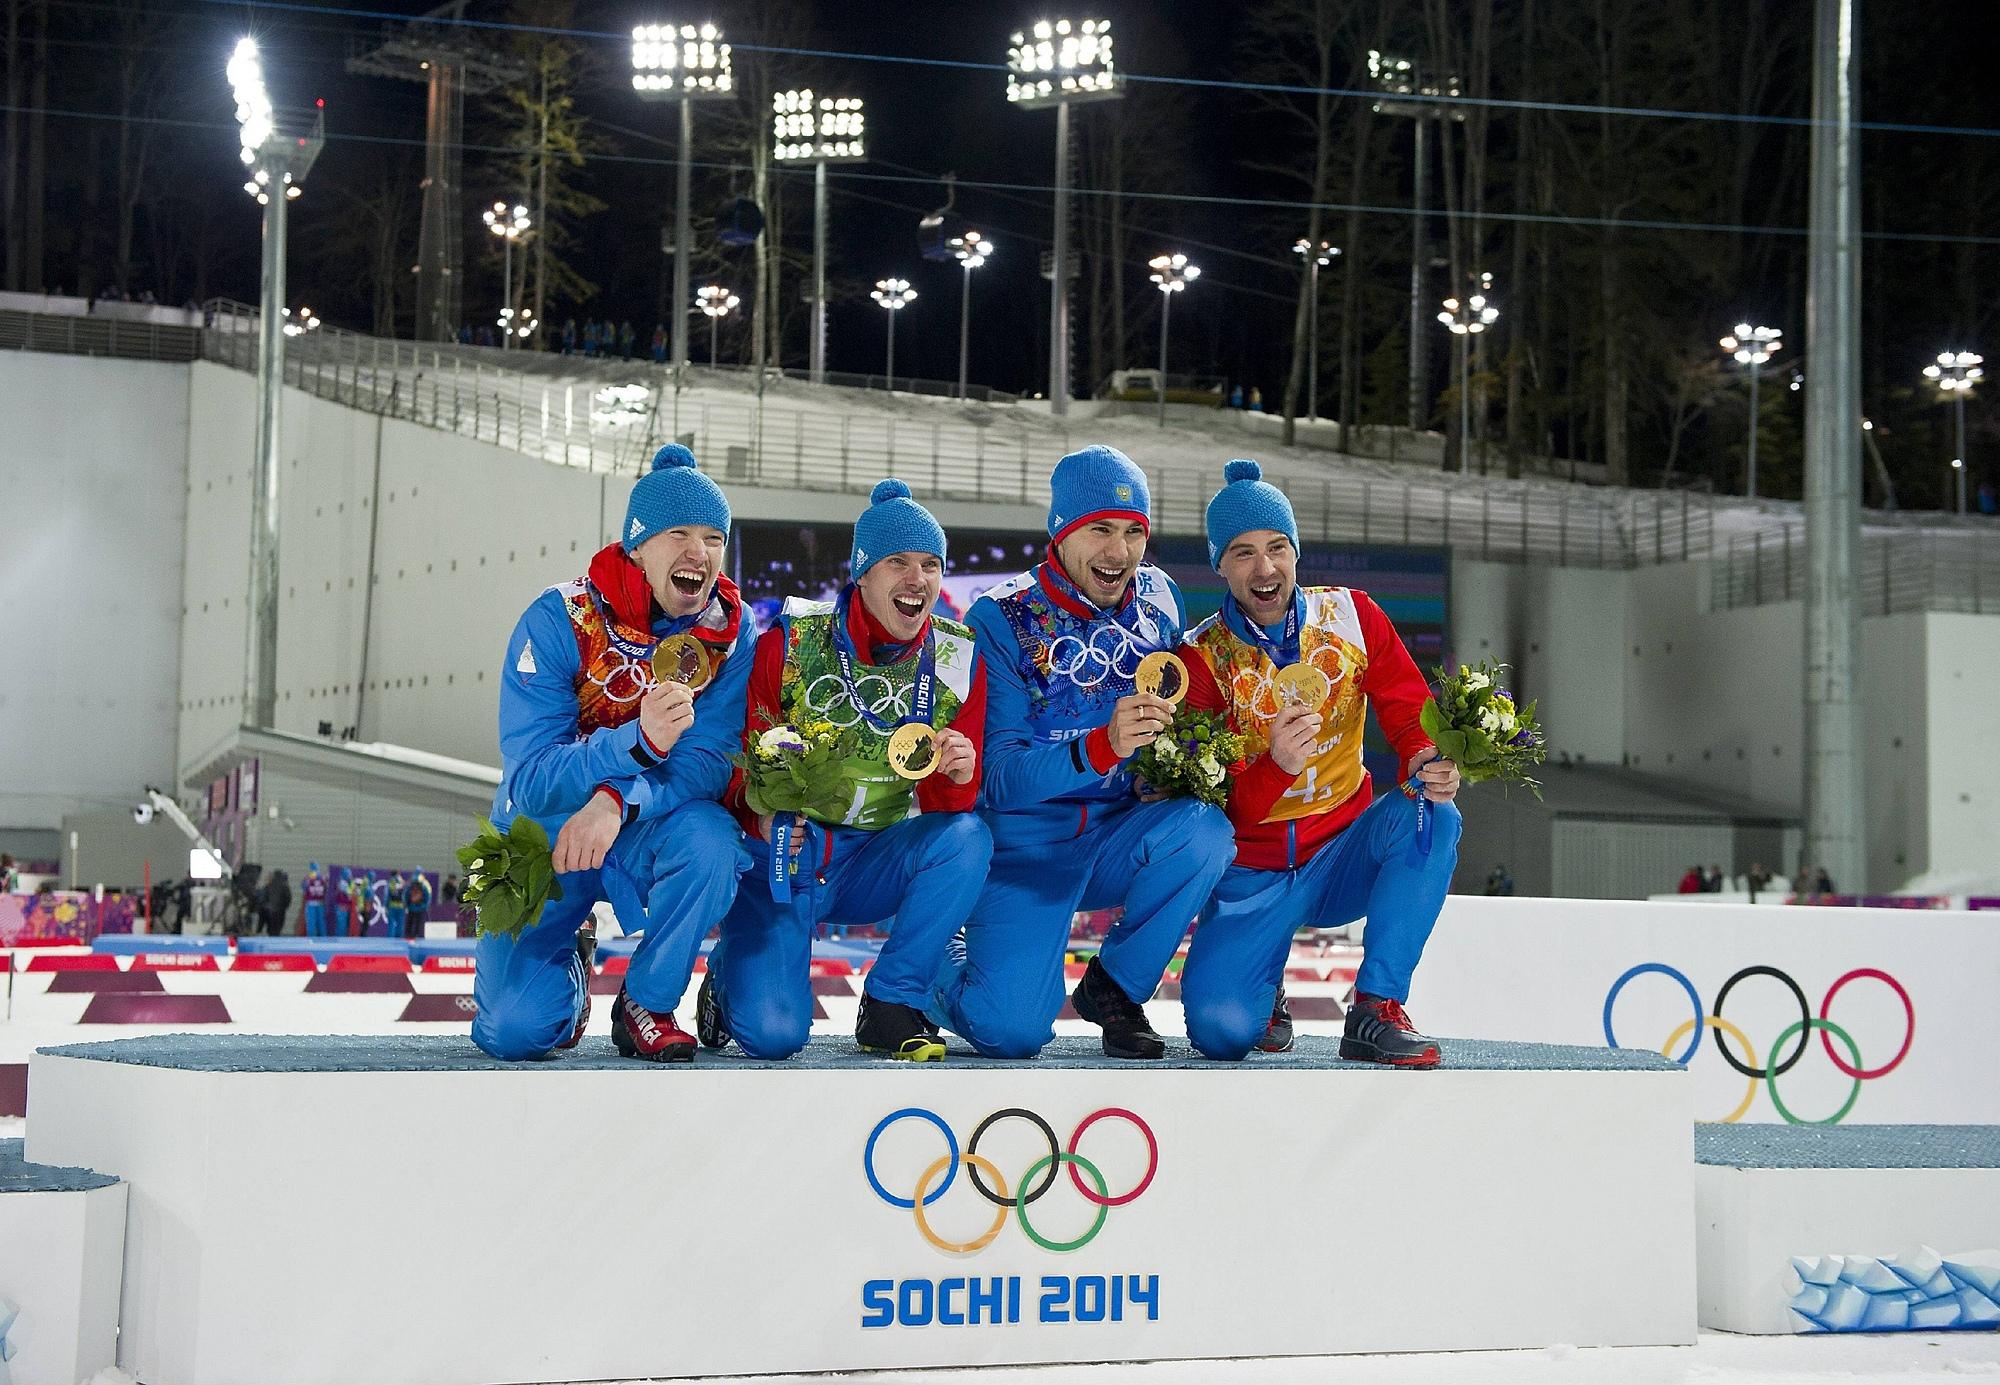 спортсмены занявшие 1 место